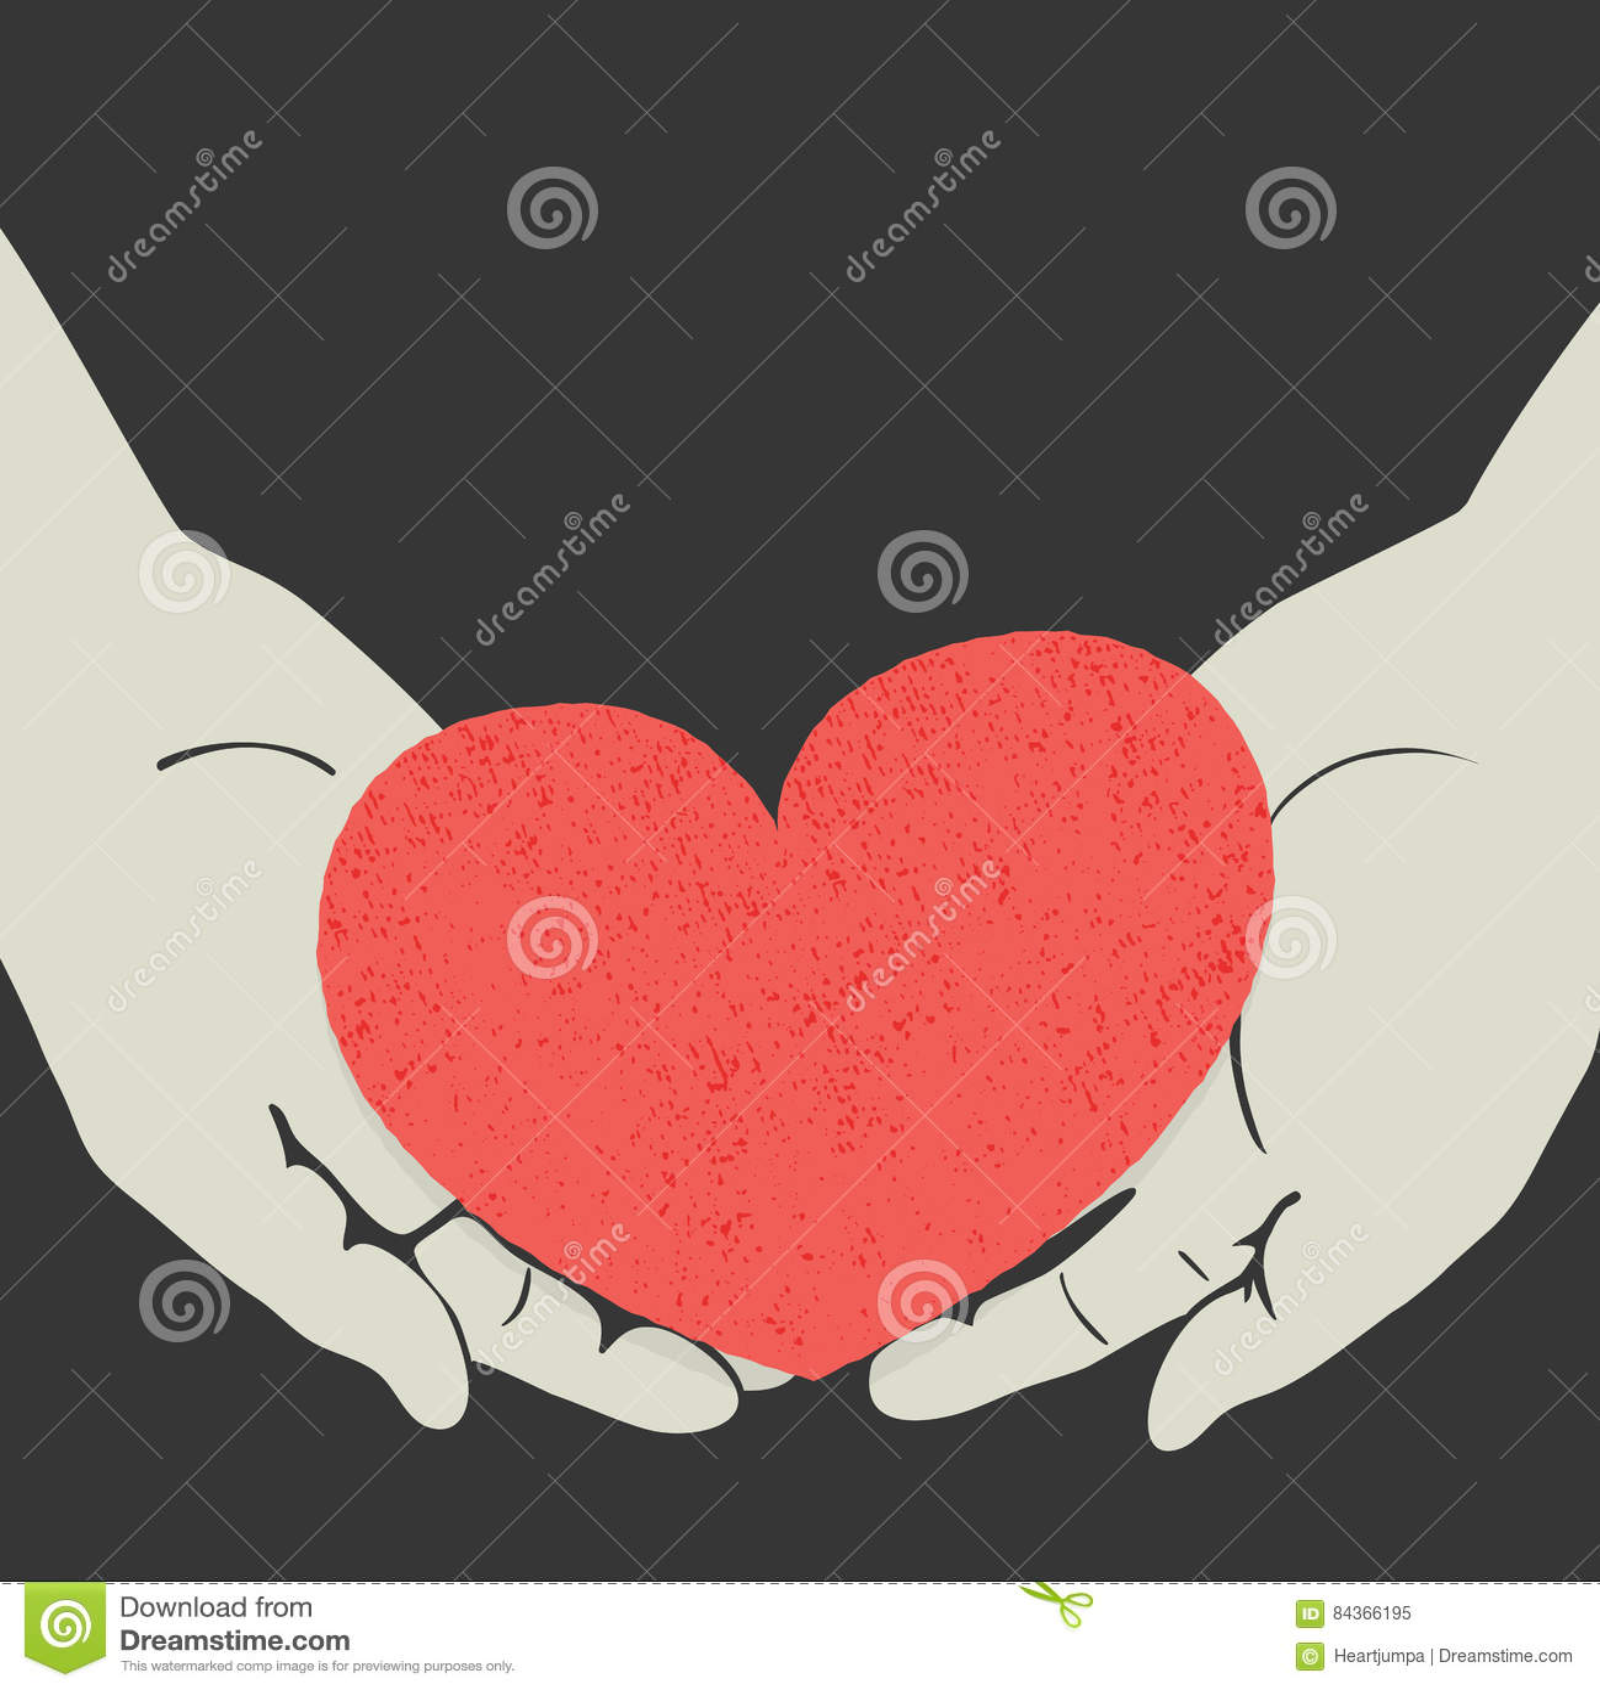 Ik geef u mijn hart